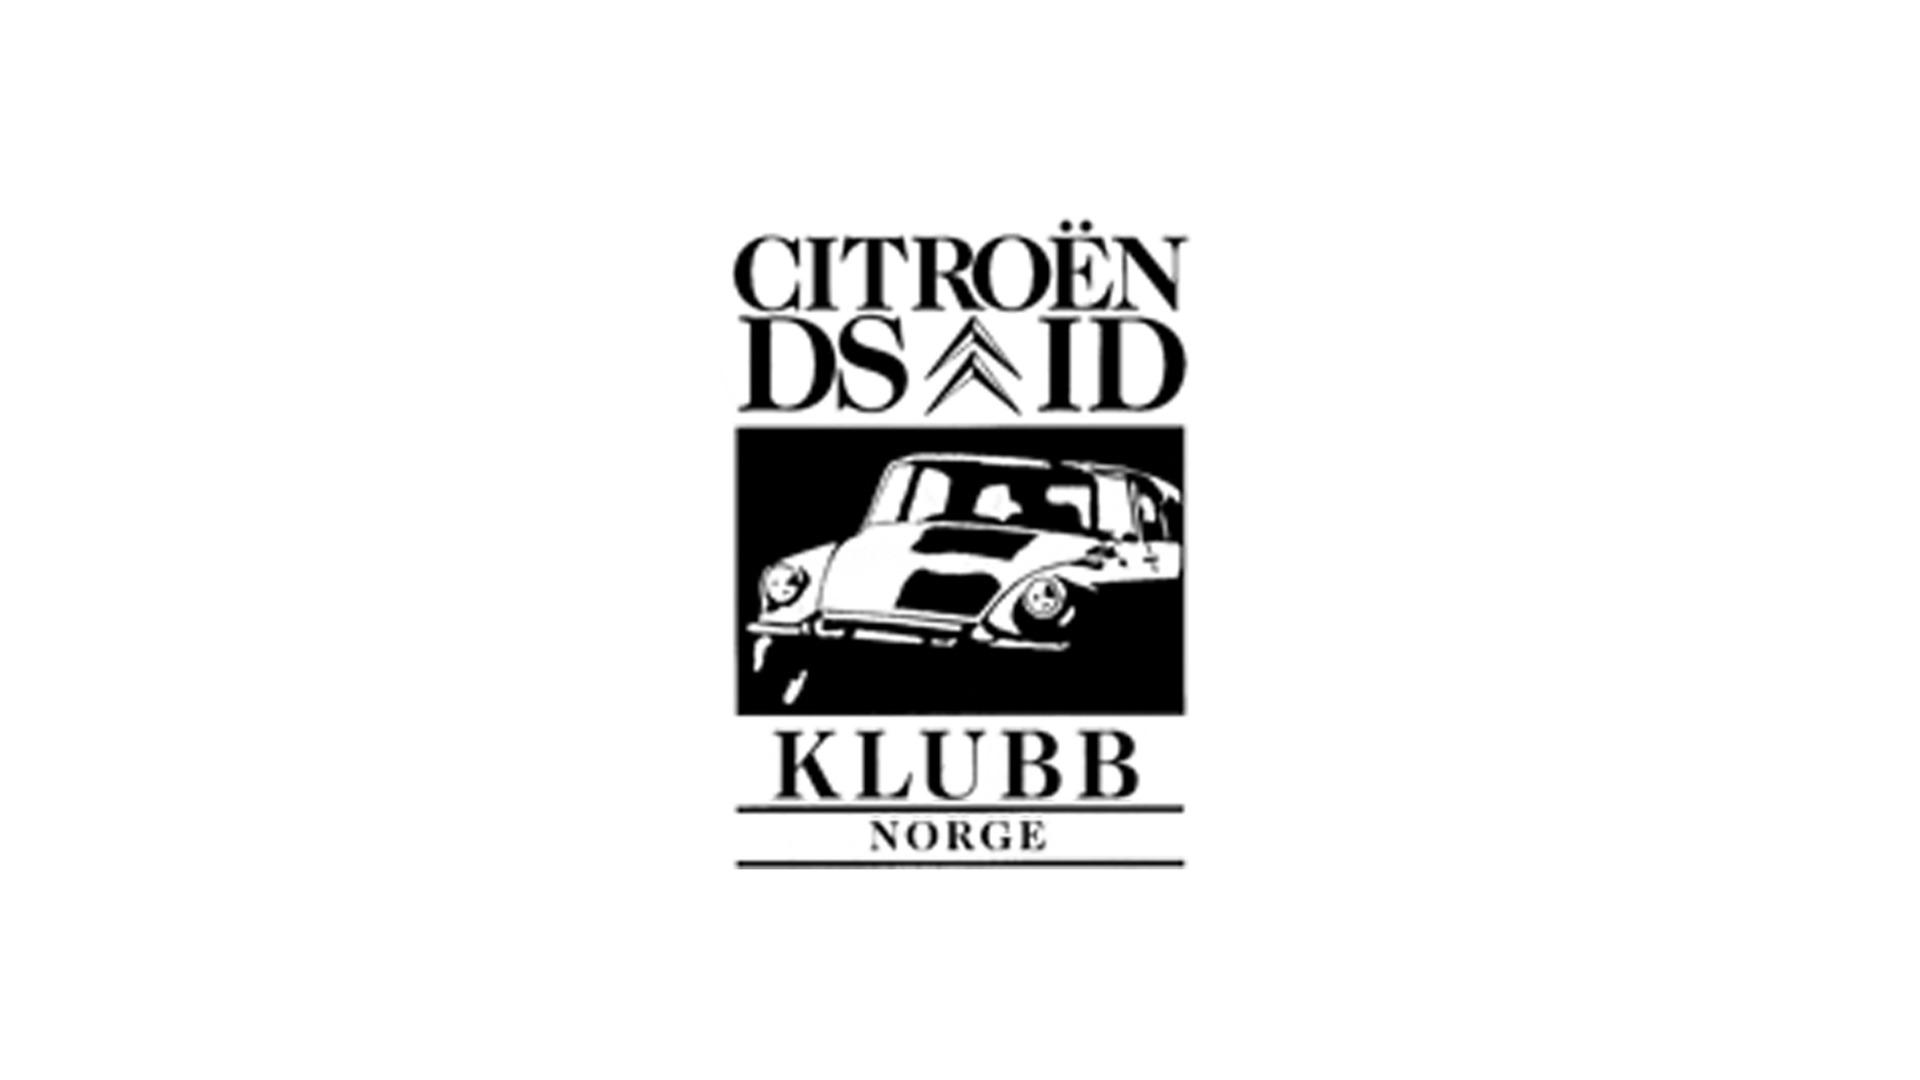 Citroen+ds+id+klubb+norge-Fullskjerm.jpg